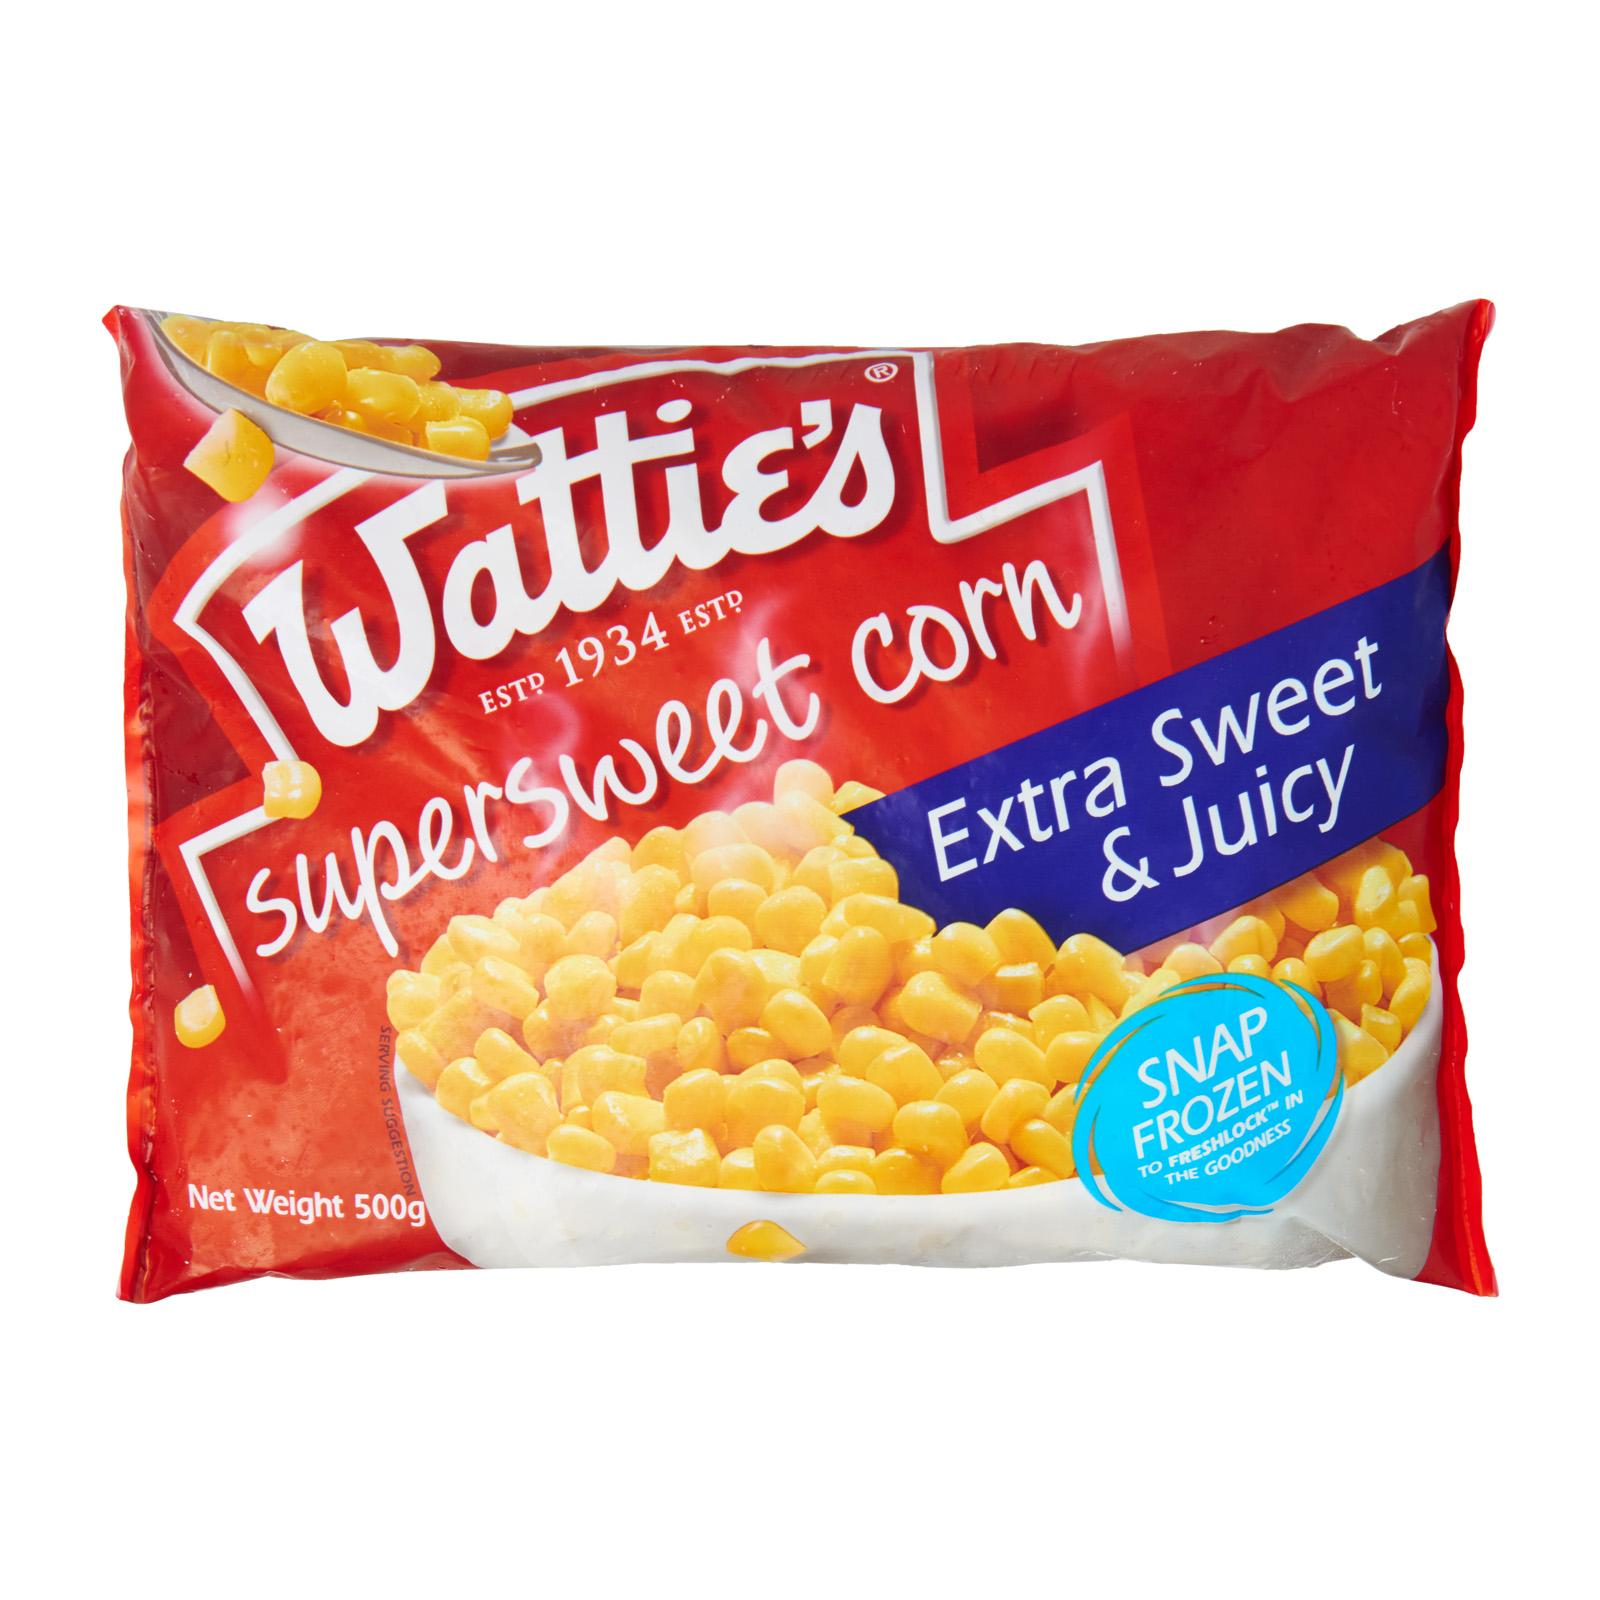 Watties Sweet Corn Kernal - Frozen By Redmart.